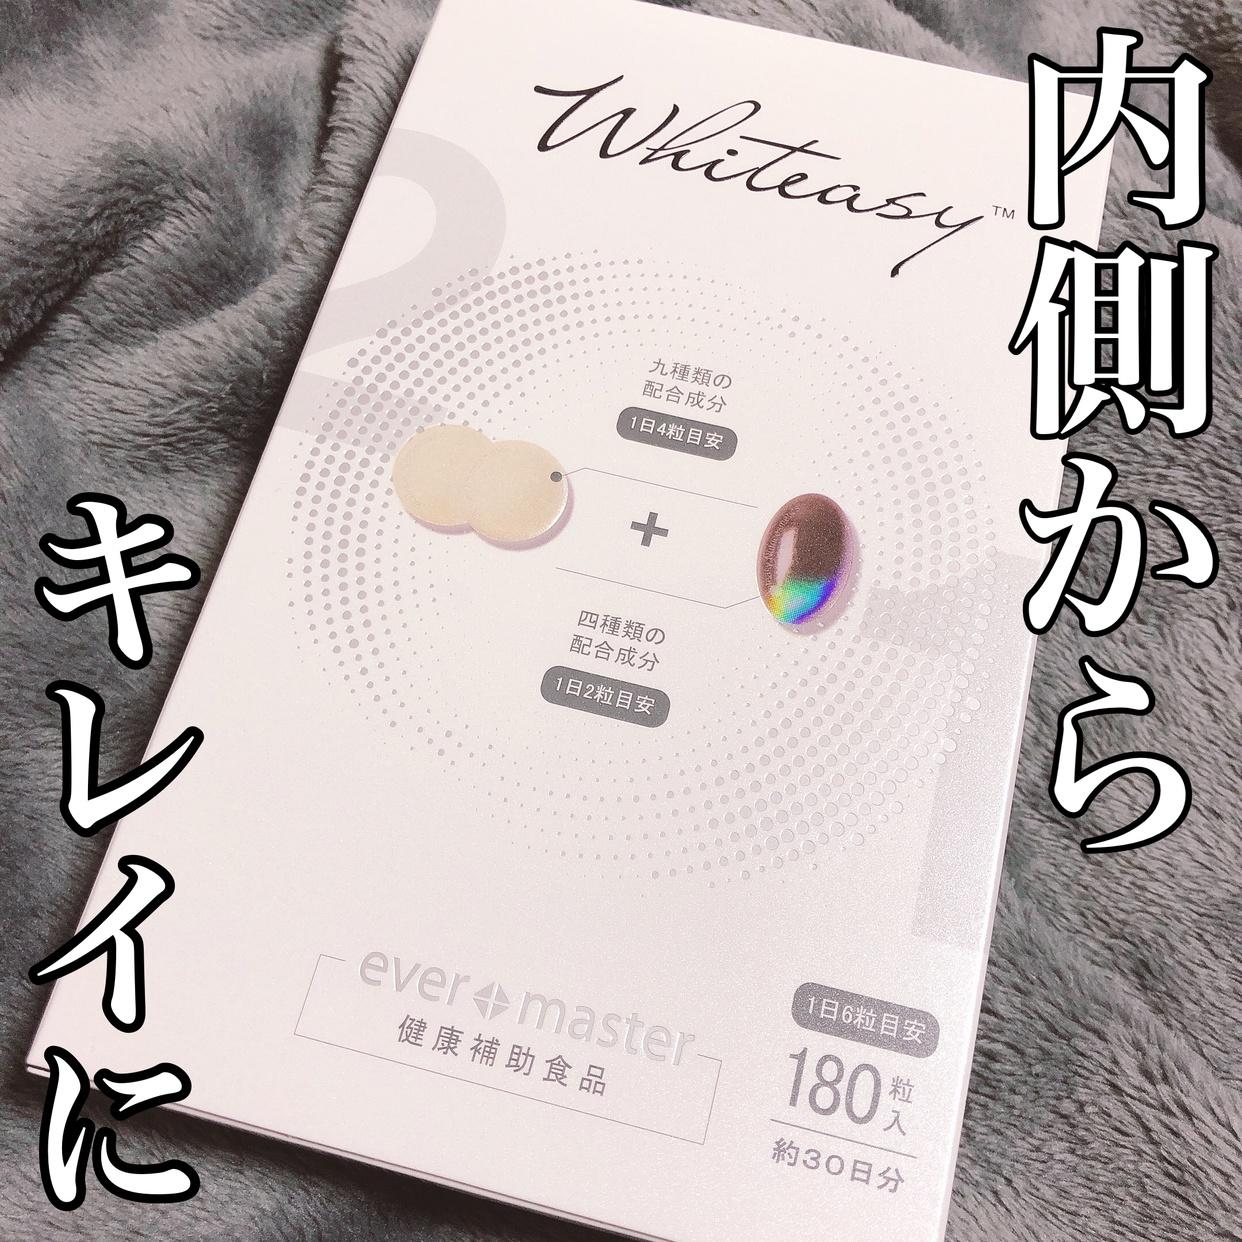 Whiteasy(ホワイトイージー)L-シスチン · ビタミンE含有加工食品を使ったkhさんのクチコミ画像